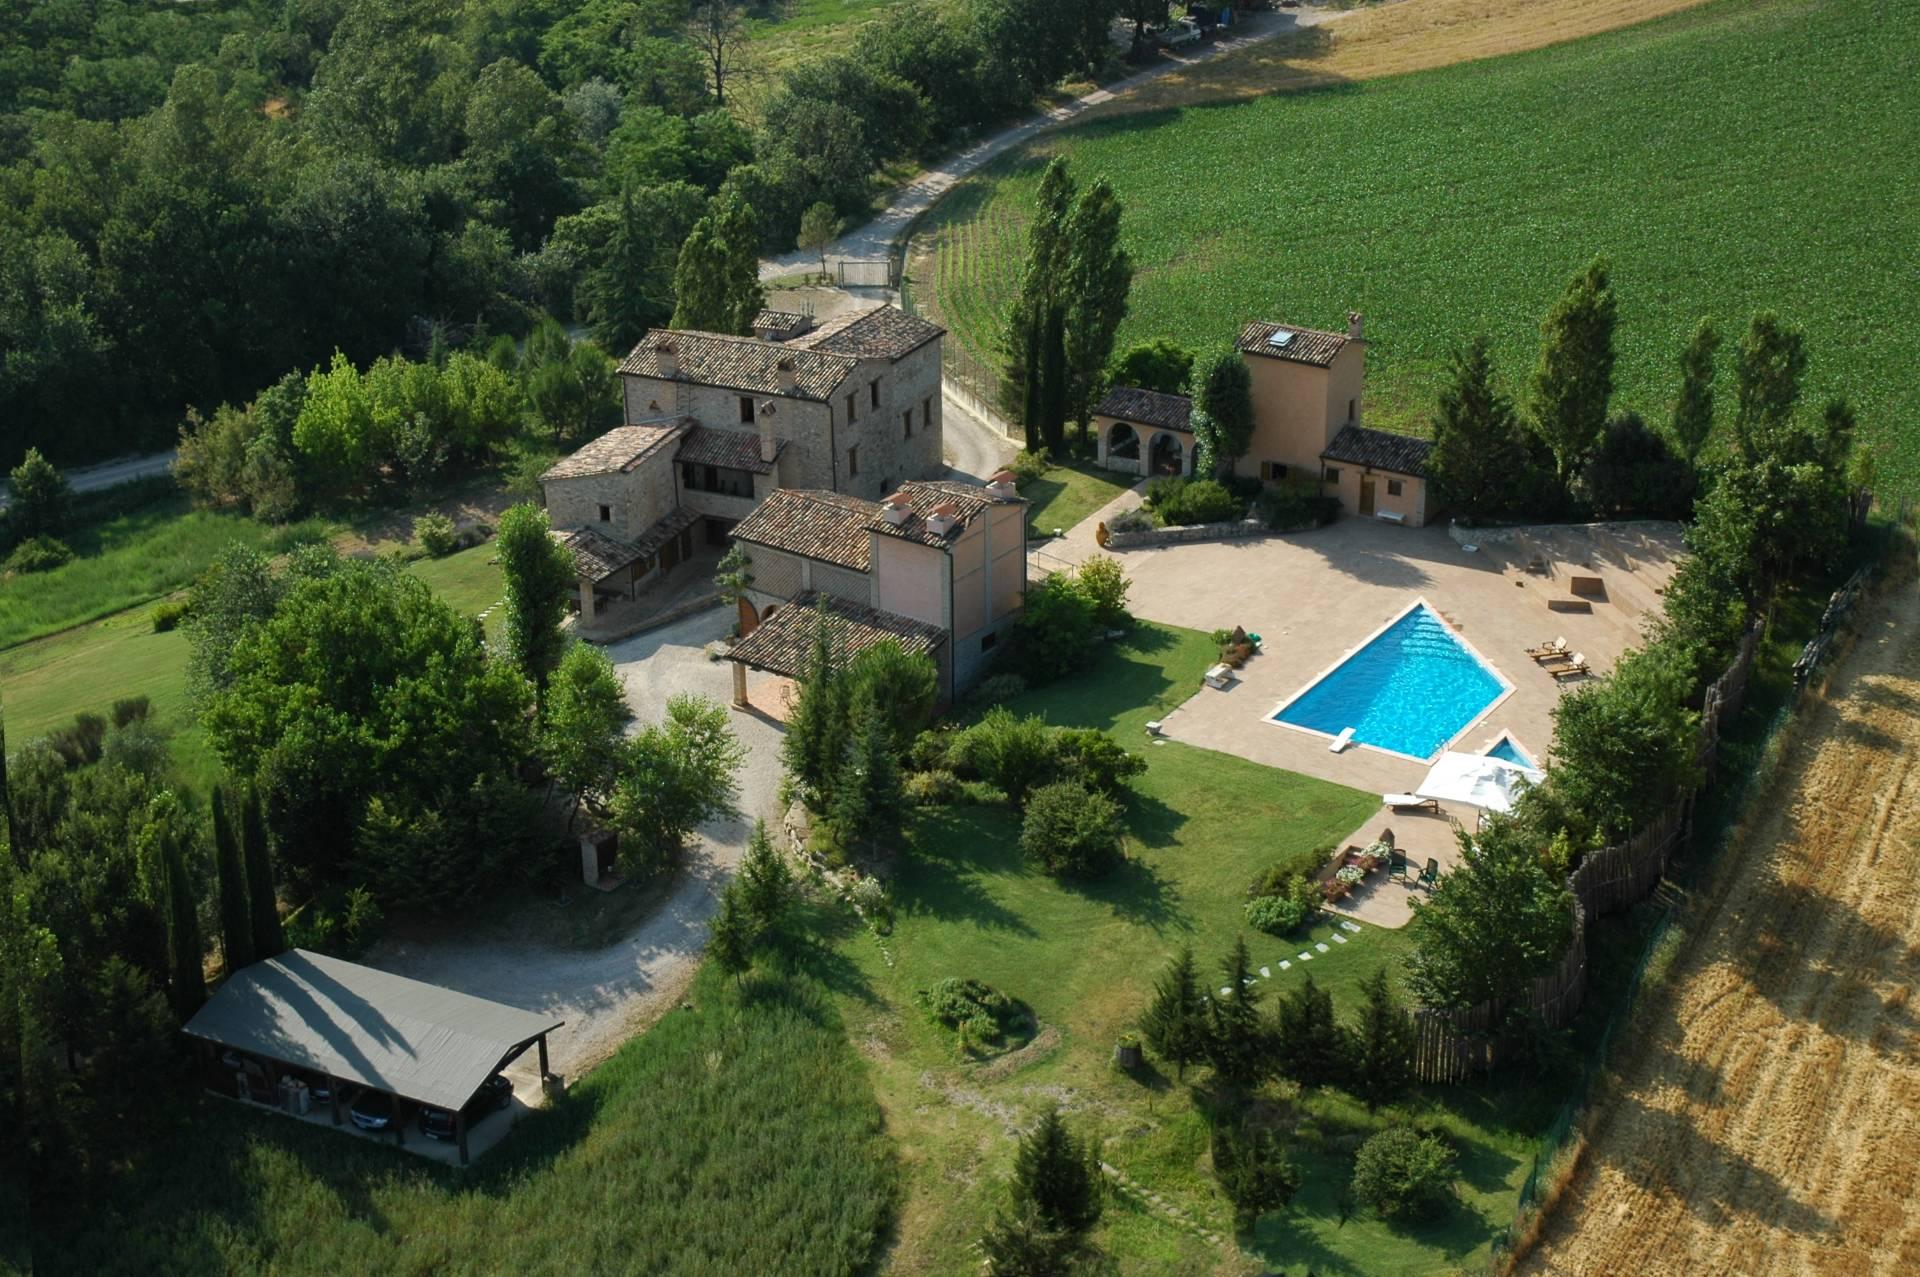 Rustico in Vendita a Montone: 5 locali, 700 mq